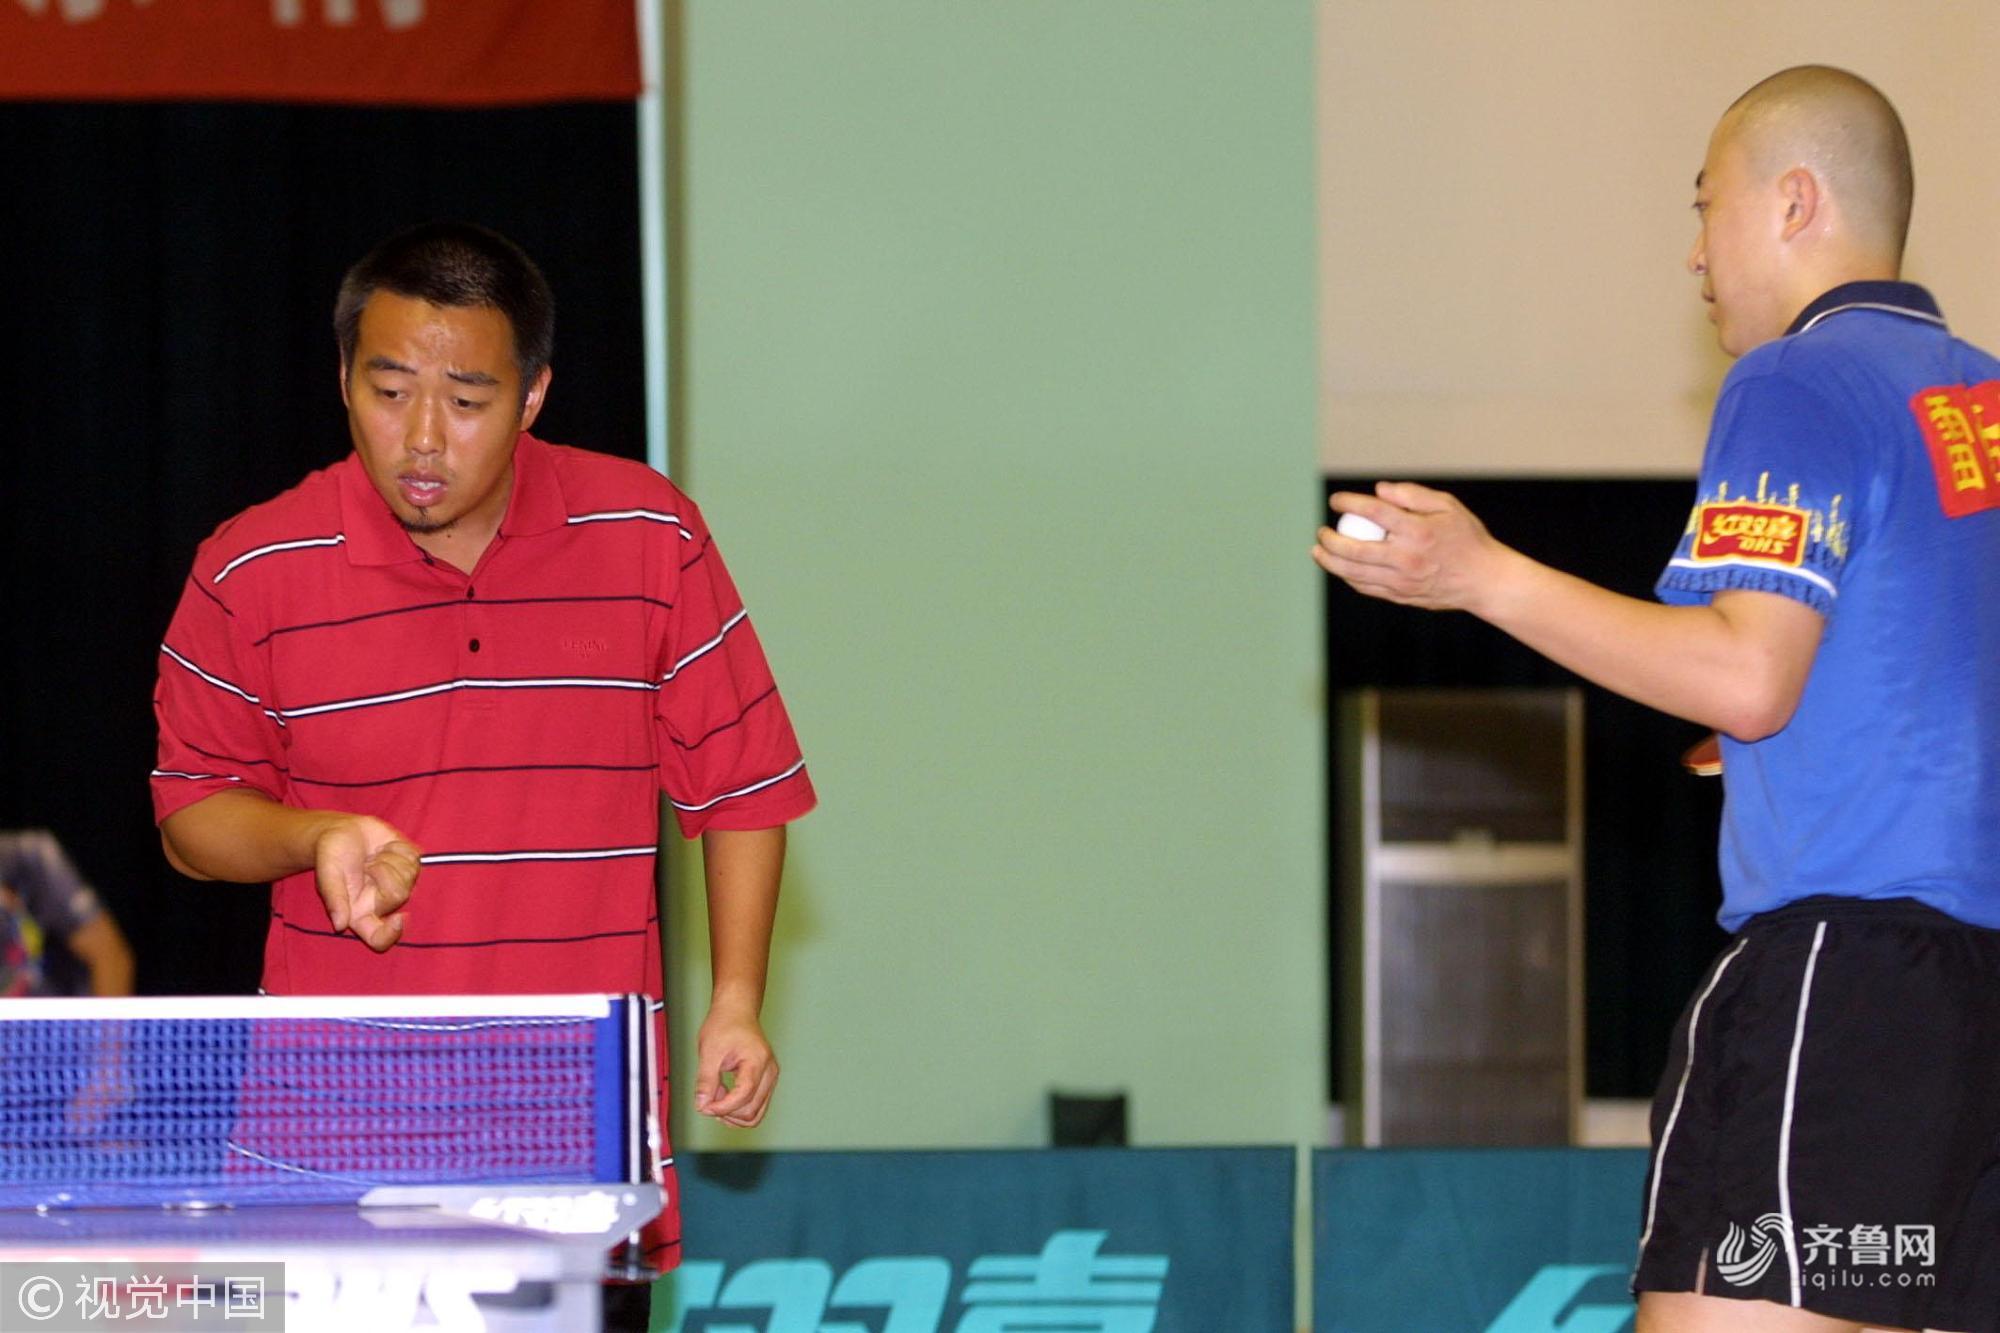 刘国梁当选新一届中国乒协主席 盘点那些难忘的比赛瞬间